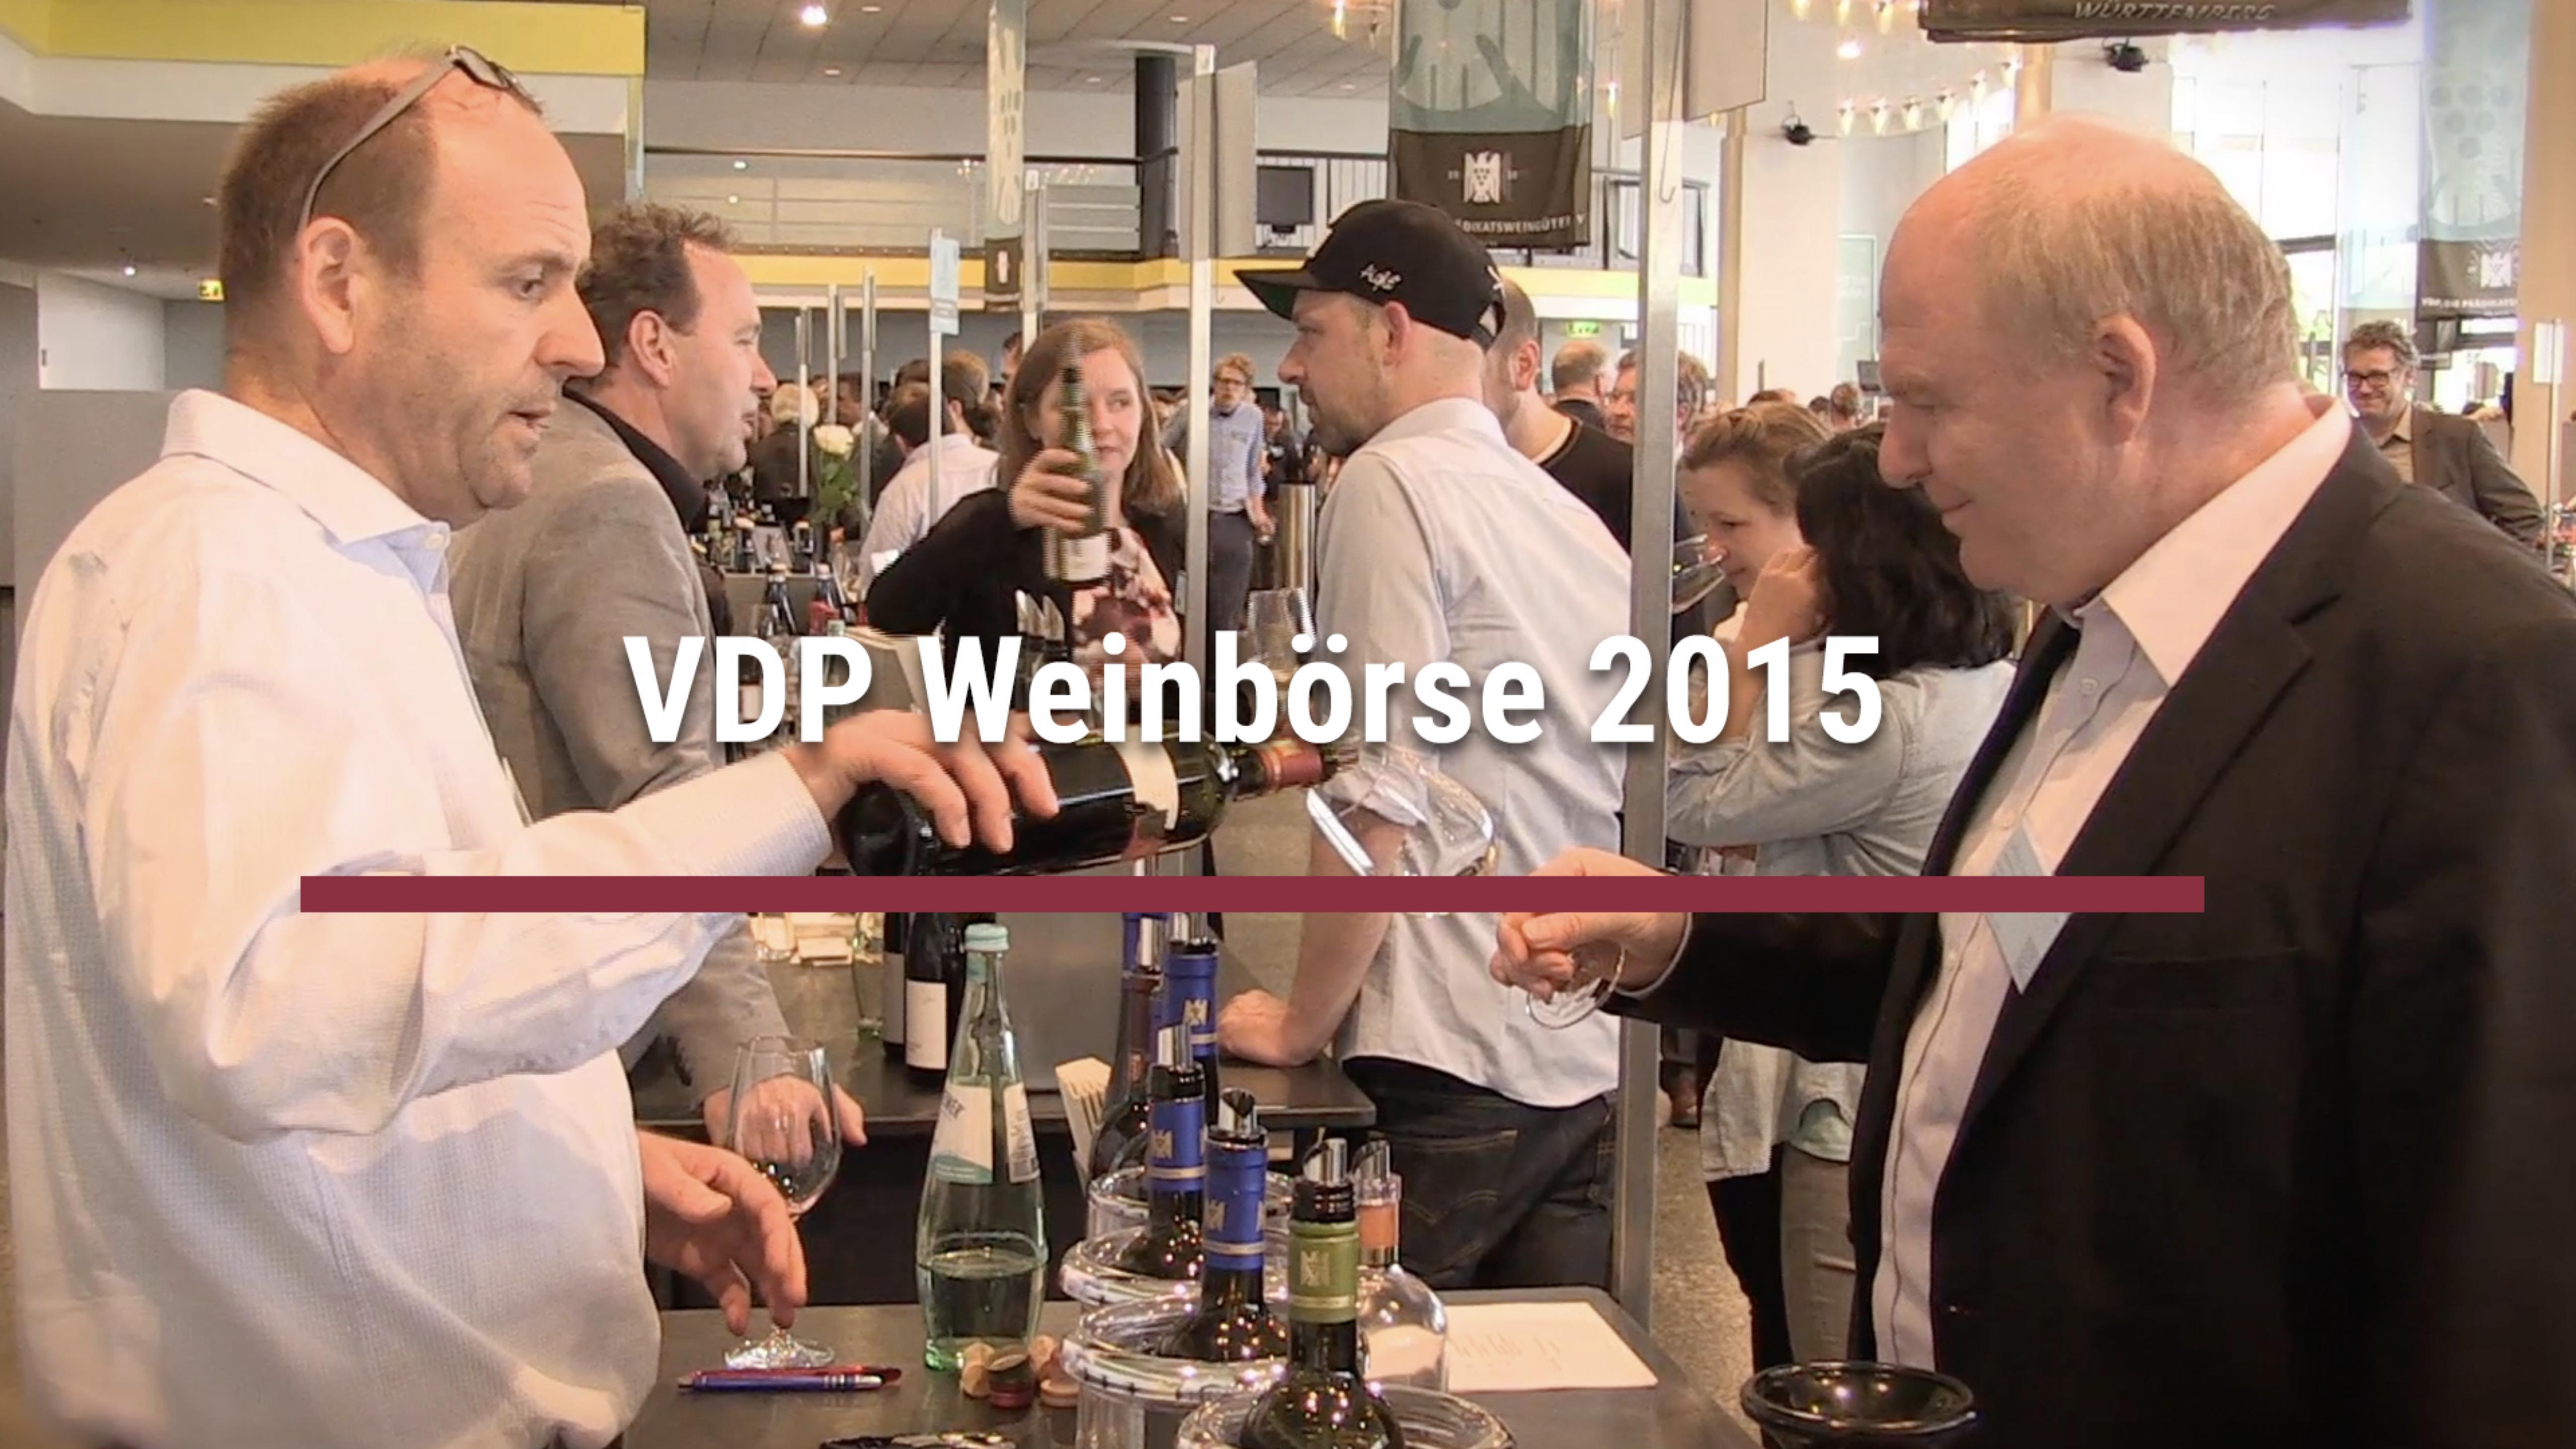 VDP Wine Exchange 2015